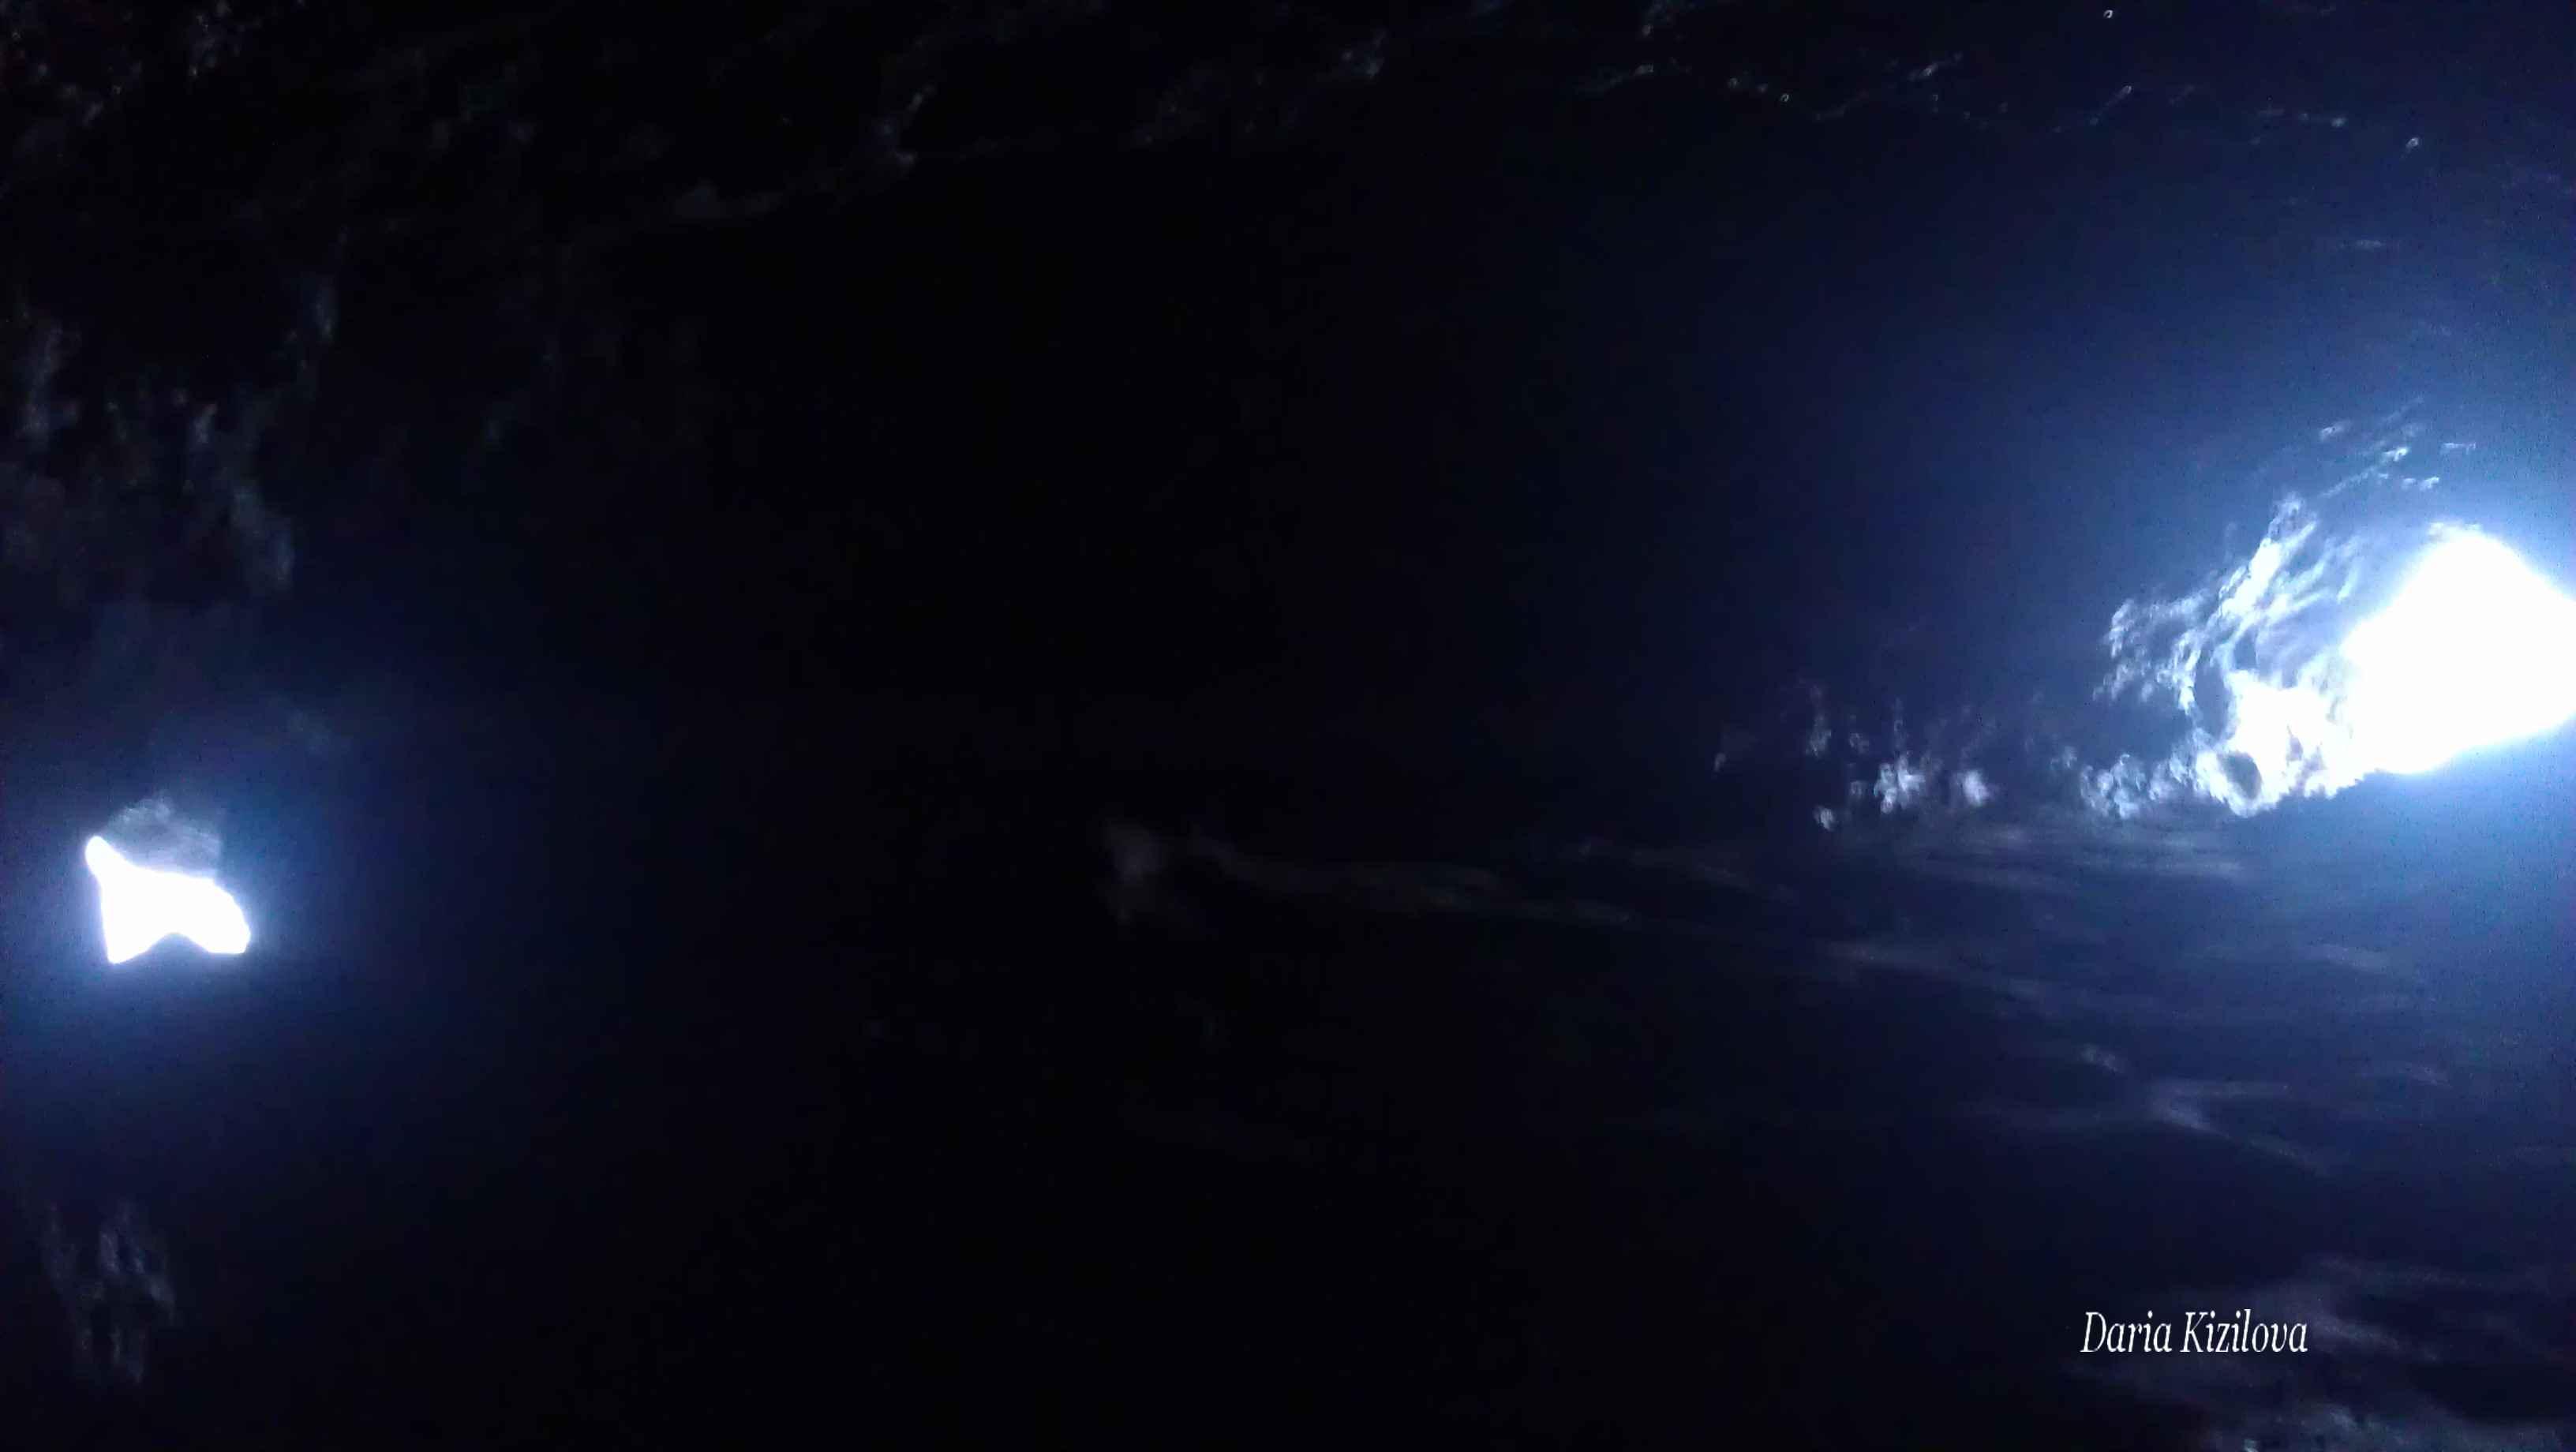 Ana Kakenga Cave